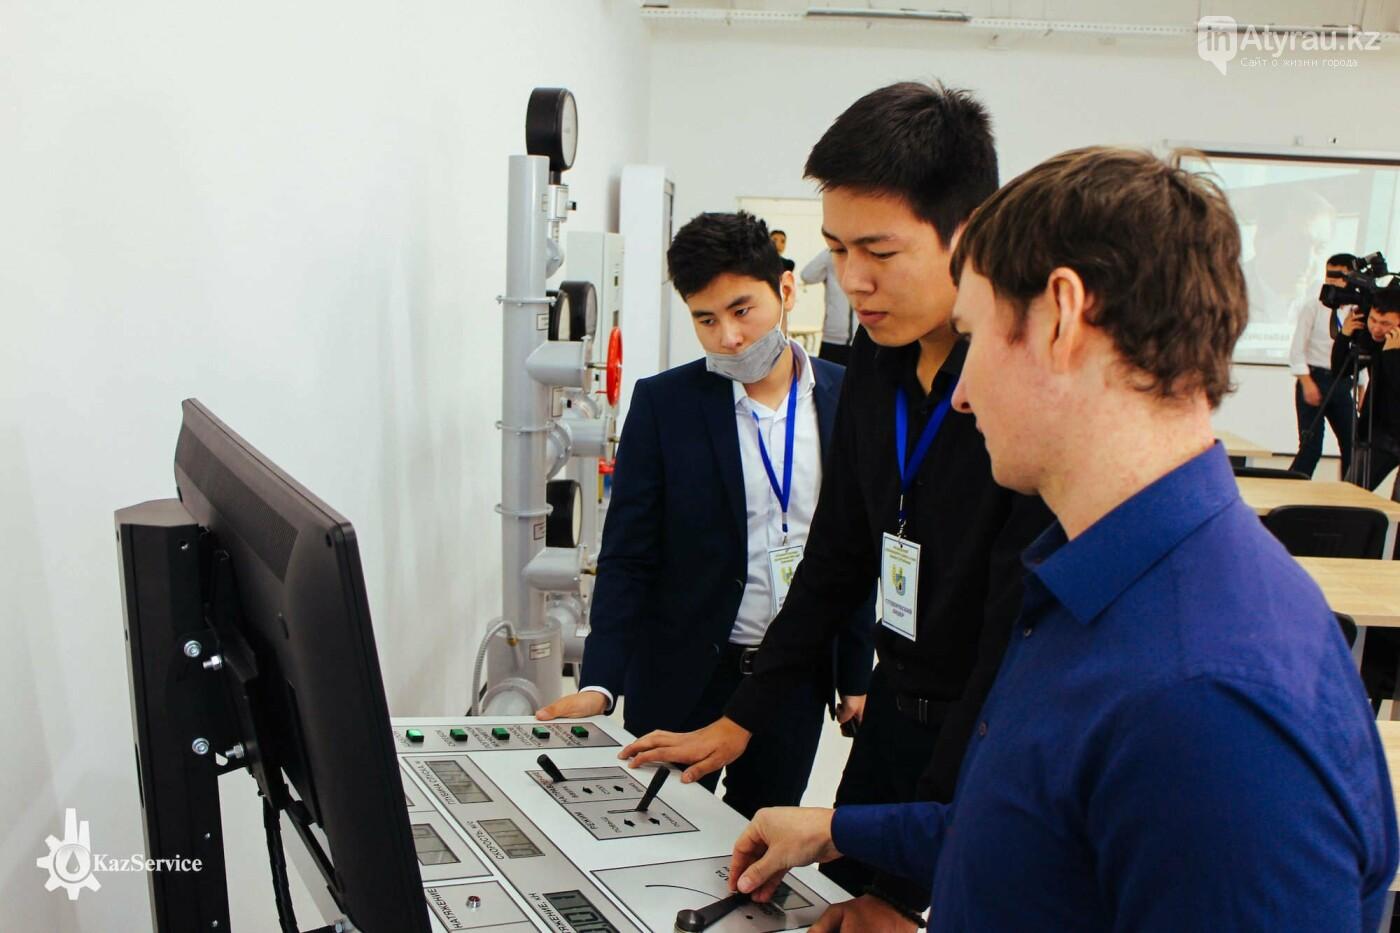 В Атырау открылся Центр развития и коммуникаций имени Нурлана Балгимбаева , фото-4